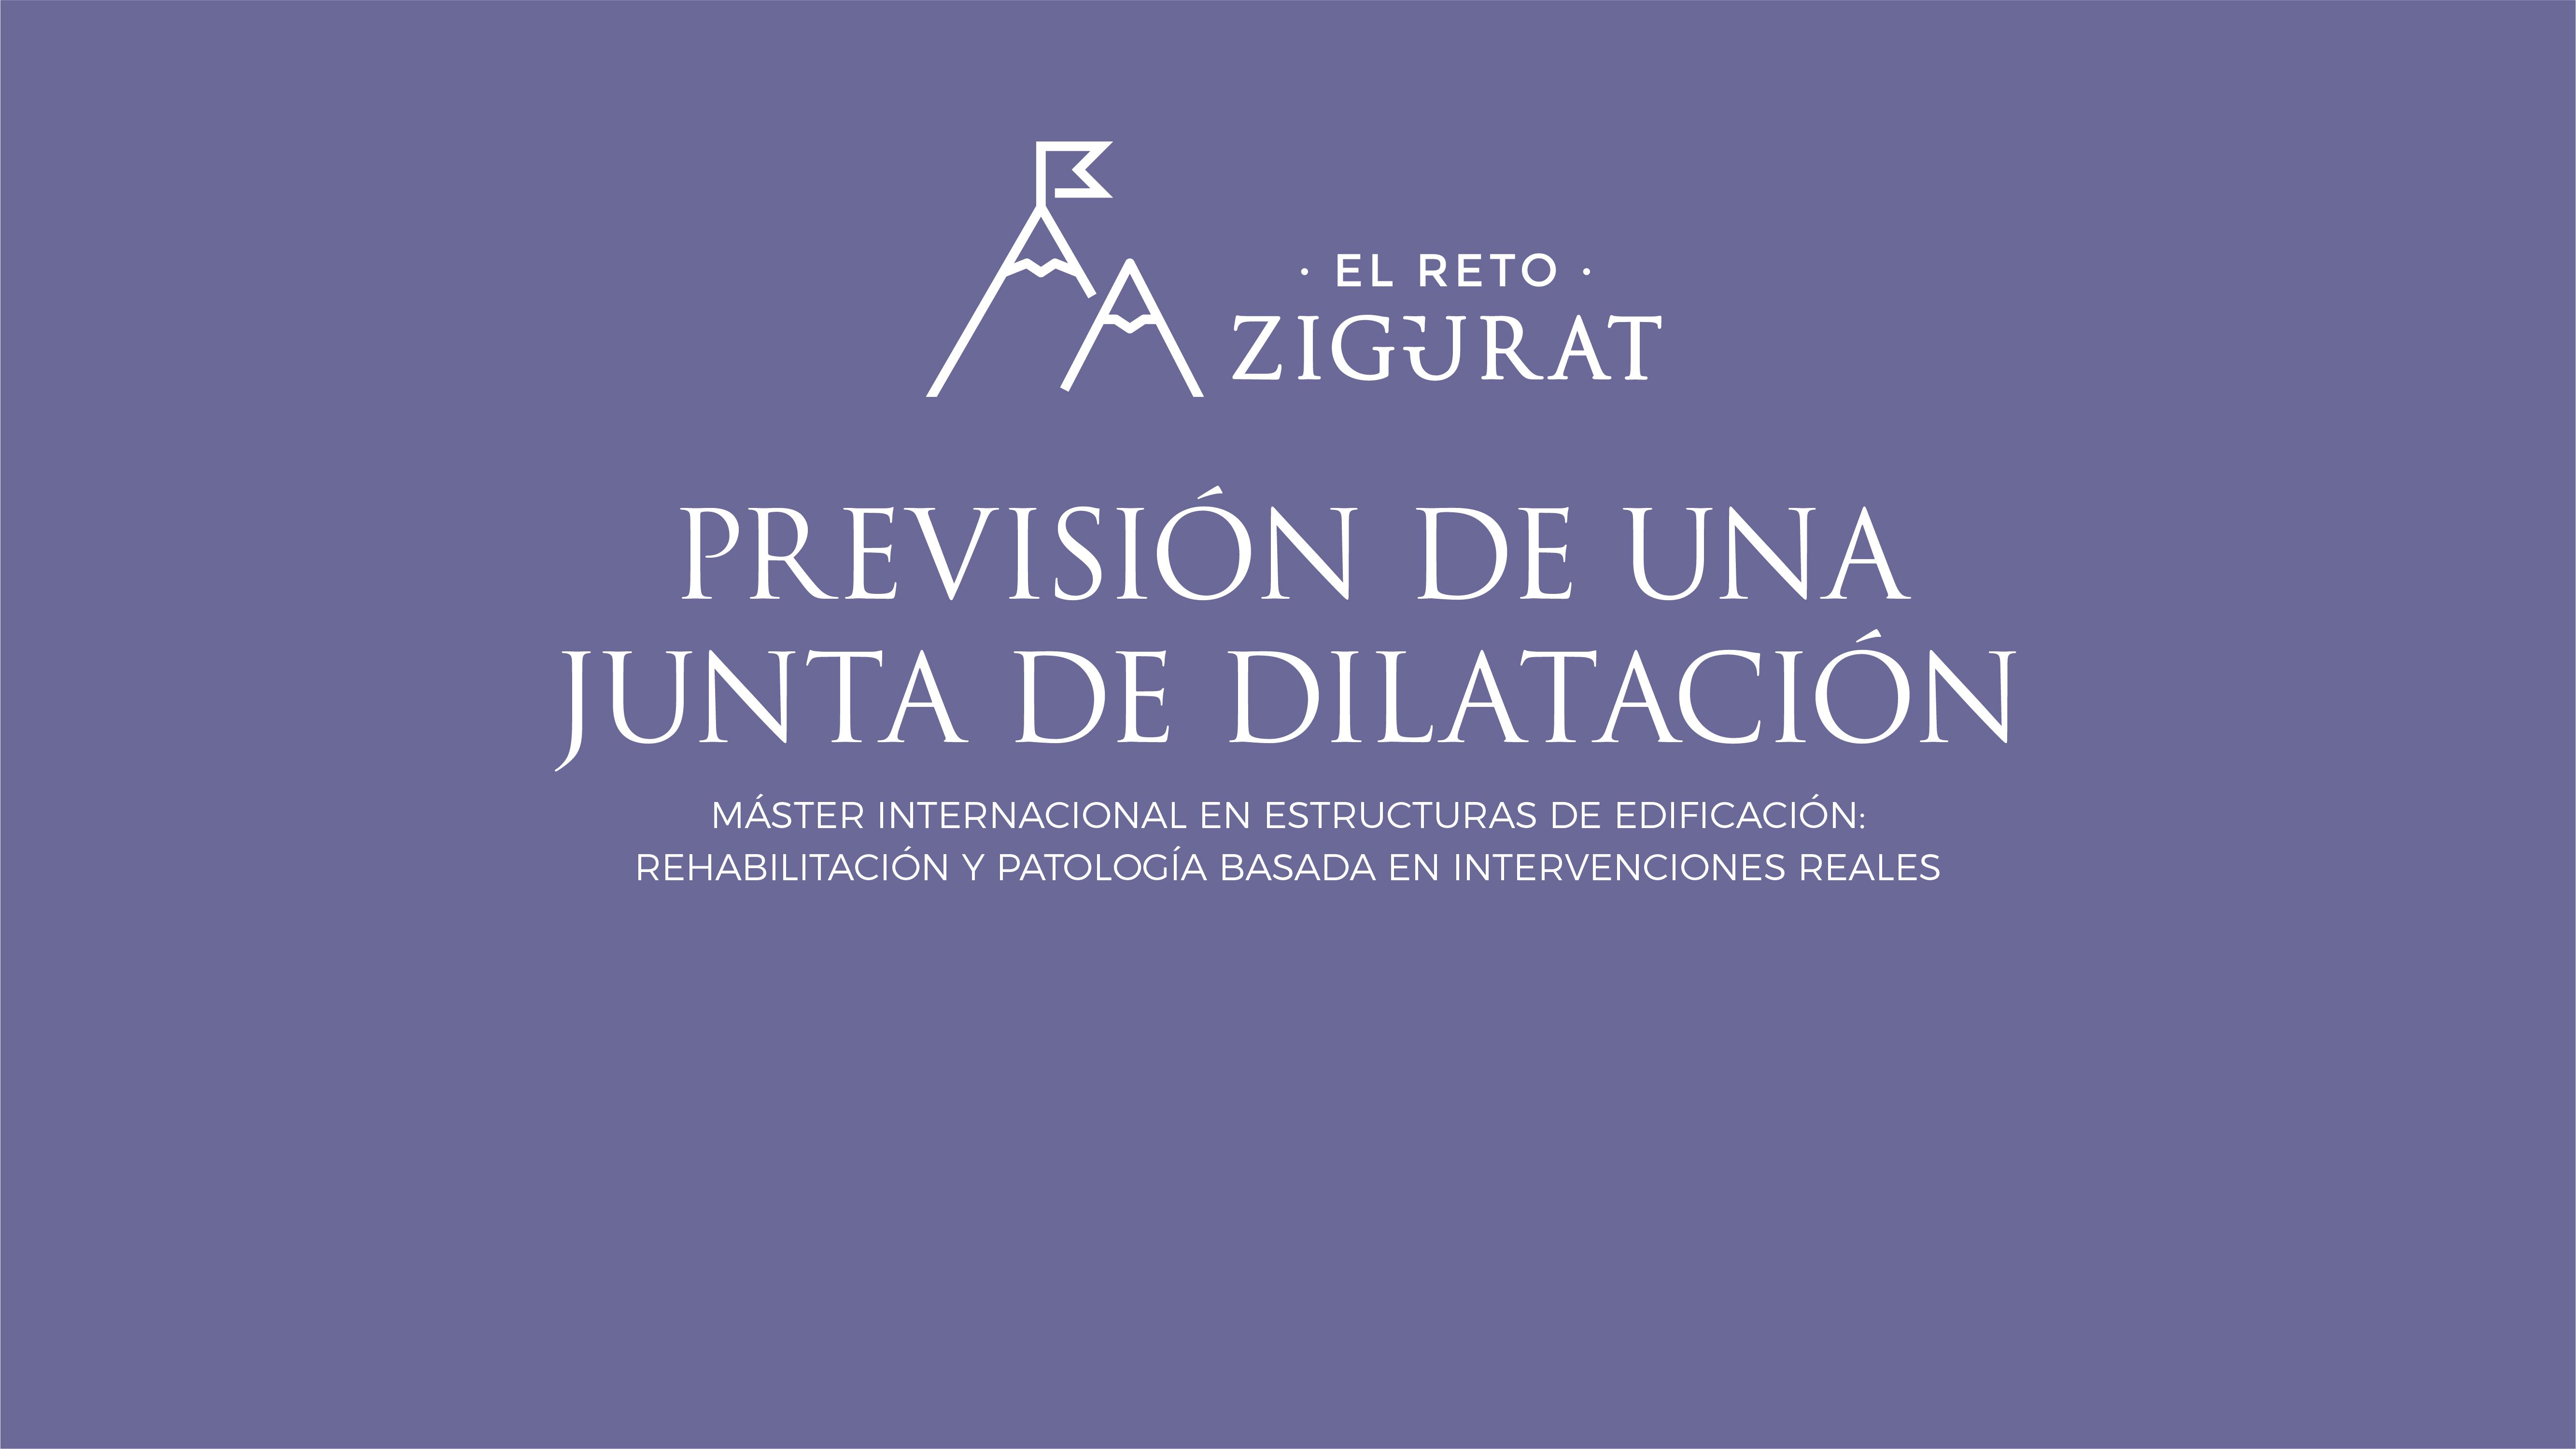 PREVISION-JUANTA-DILATICION-REHABILITACION-ZIGURAT-global